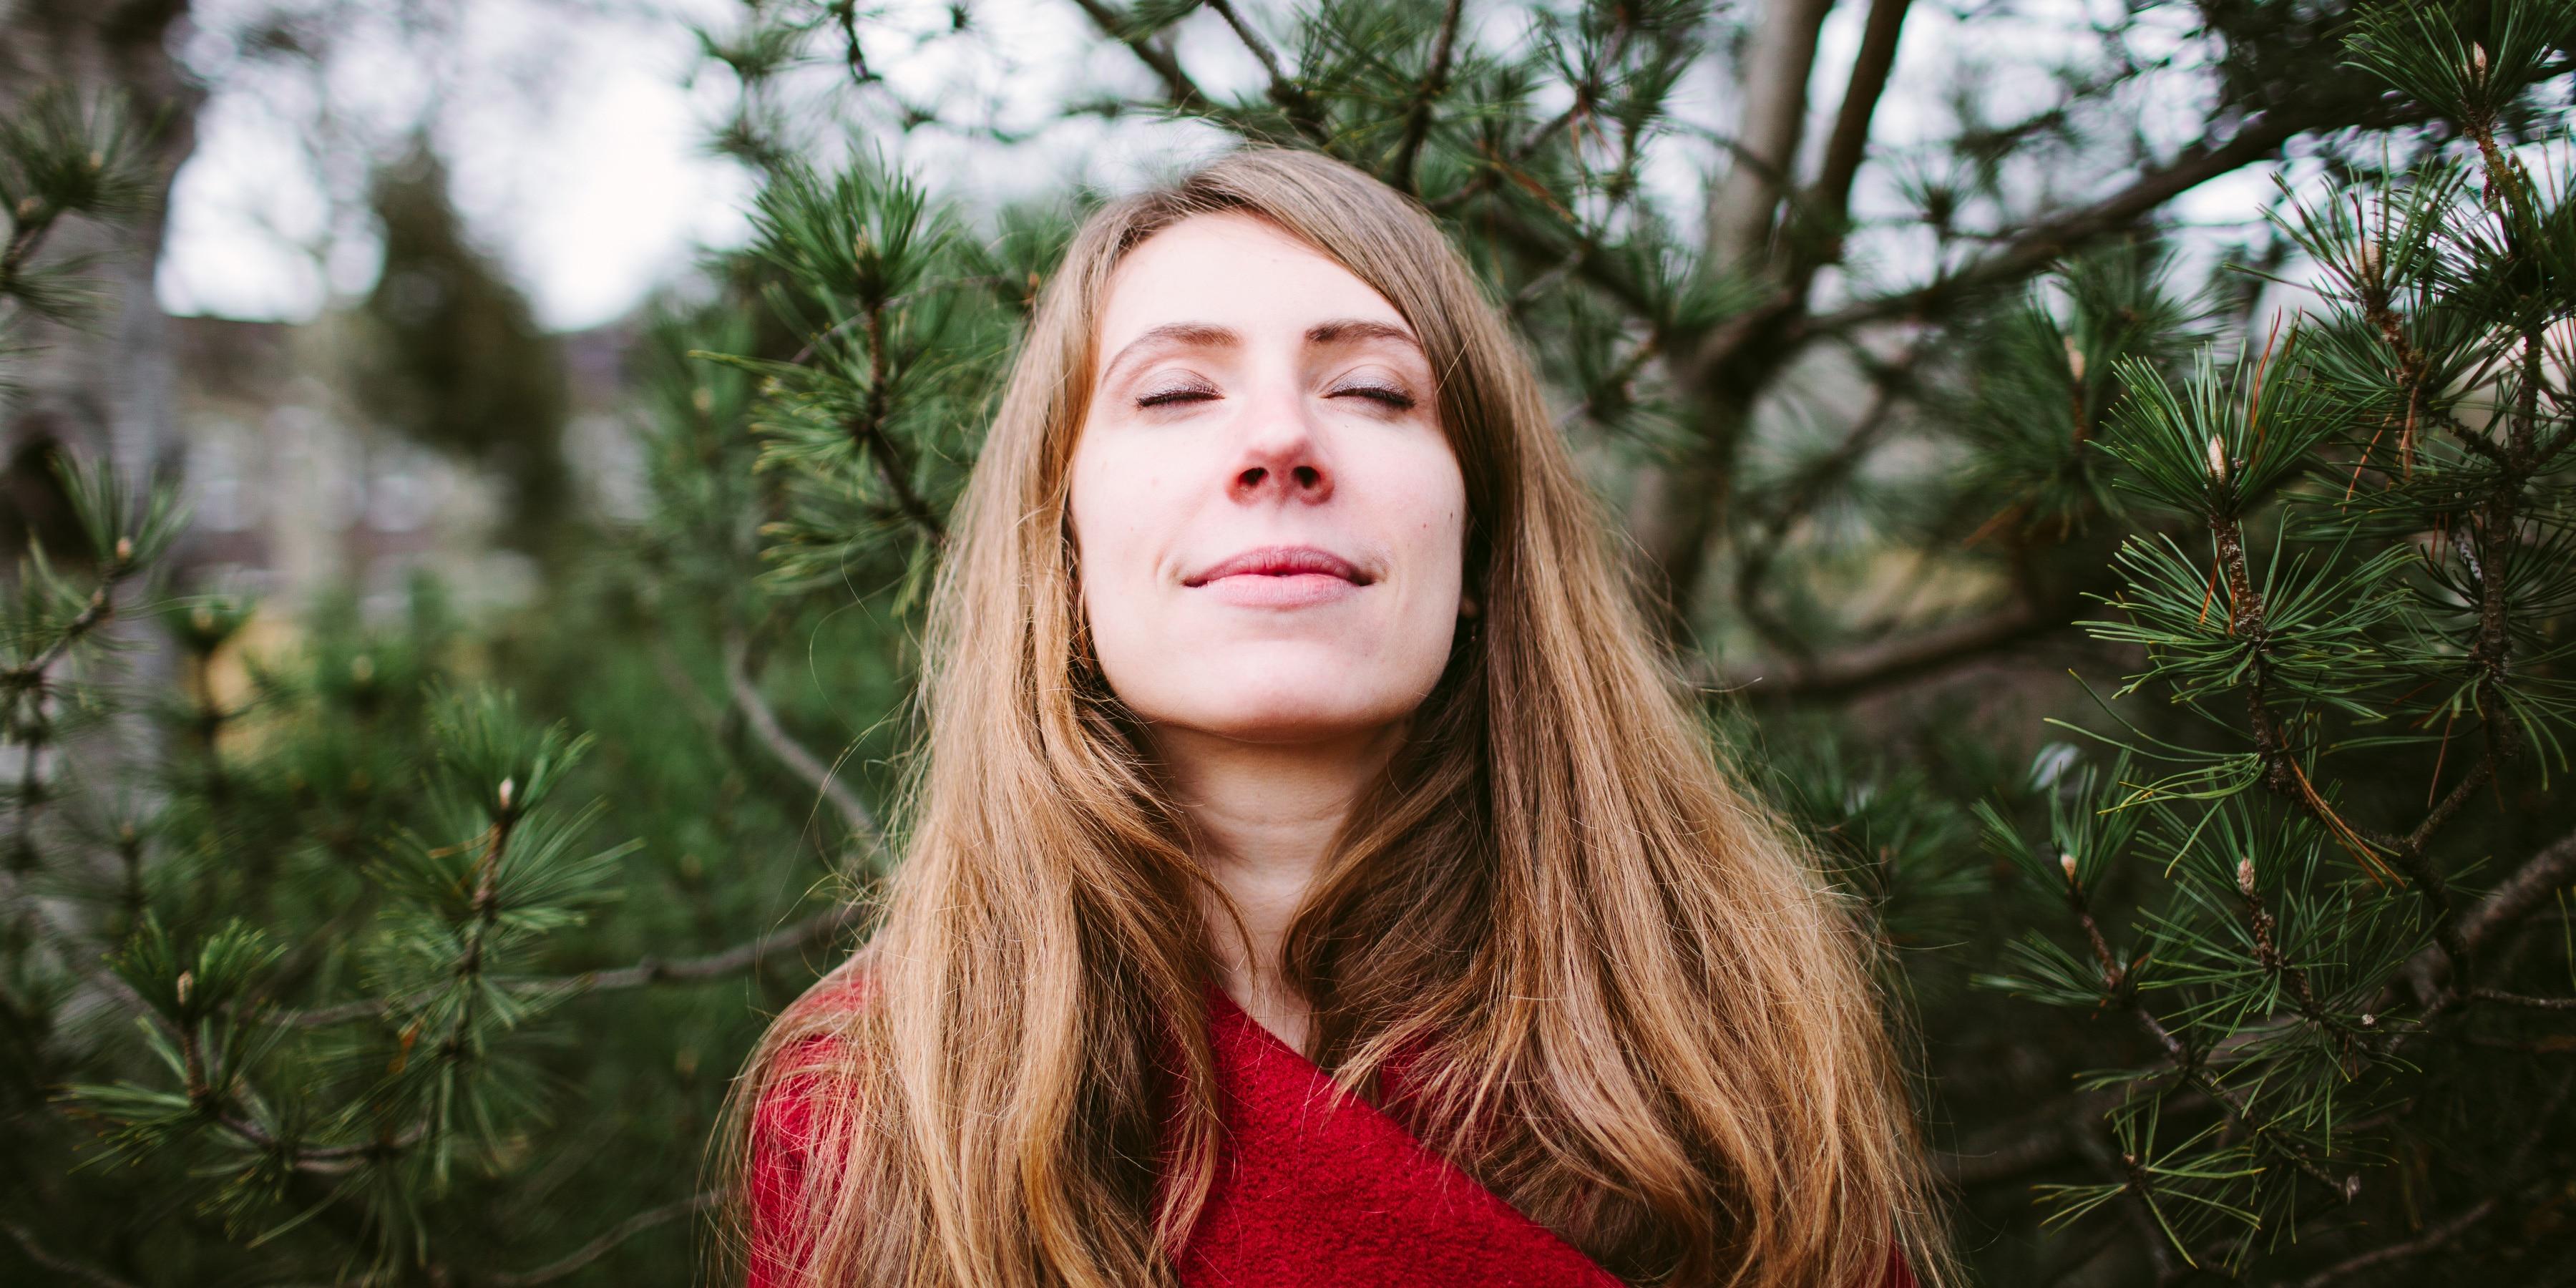 Frau mit geschlossenen Augen atmet tief durch